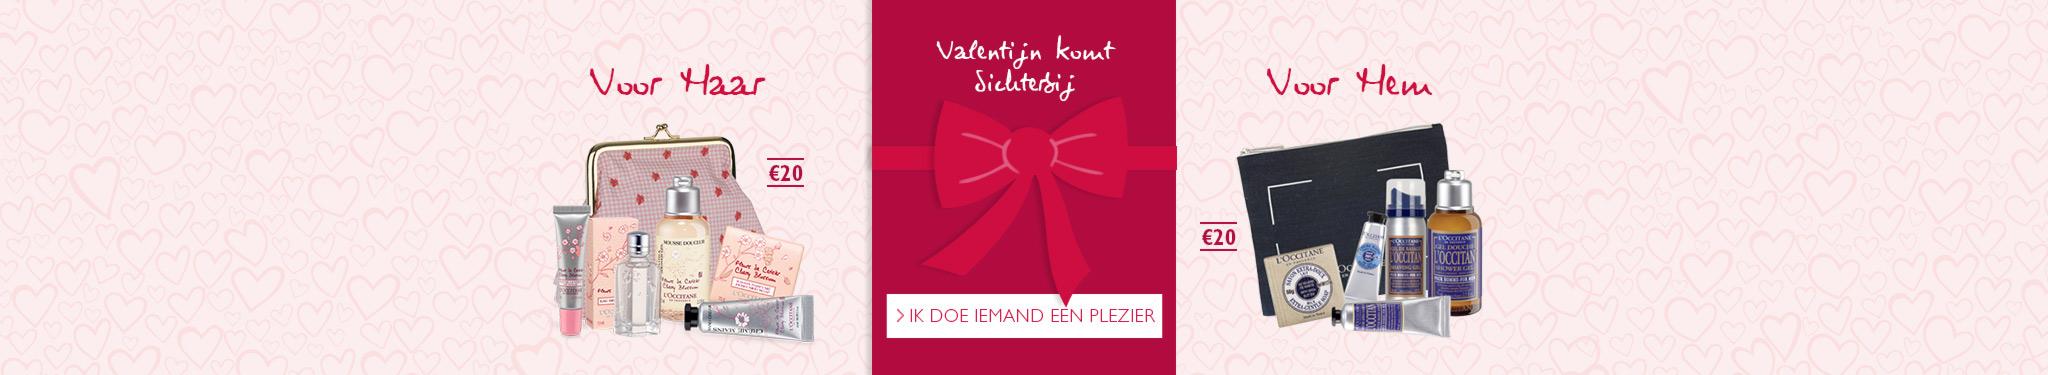 valentijn geschenk